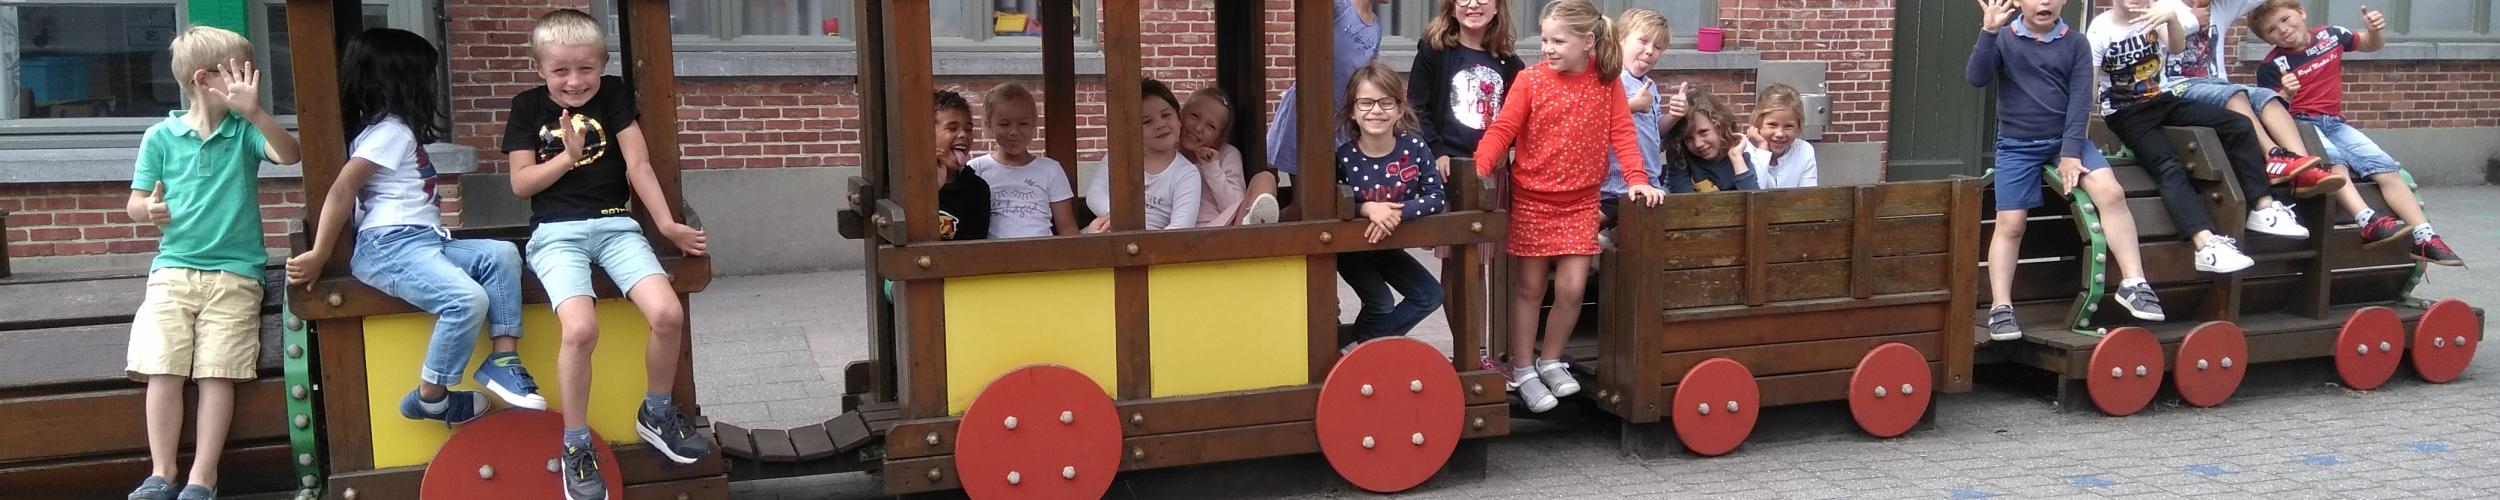 De trein van klas 1B is vertrokken voor het nieuwe schooljaar!